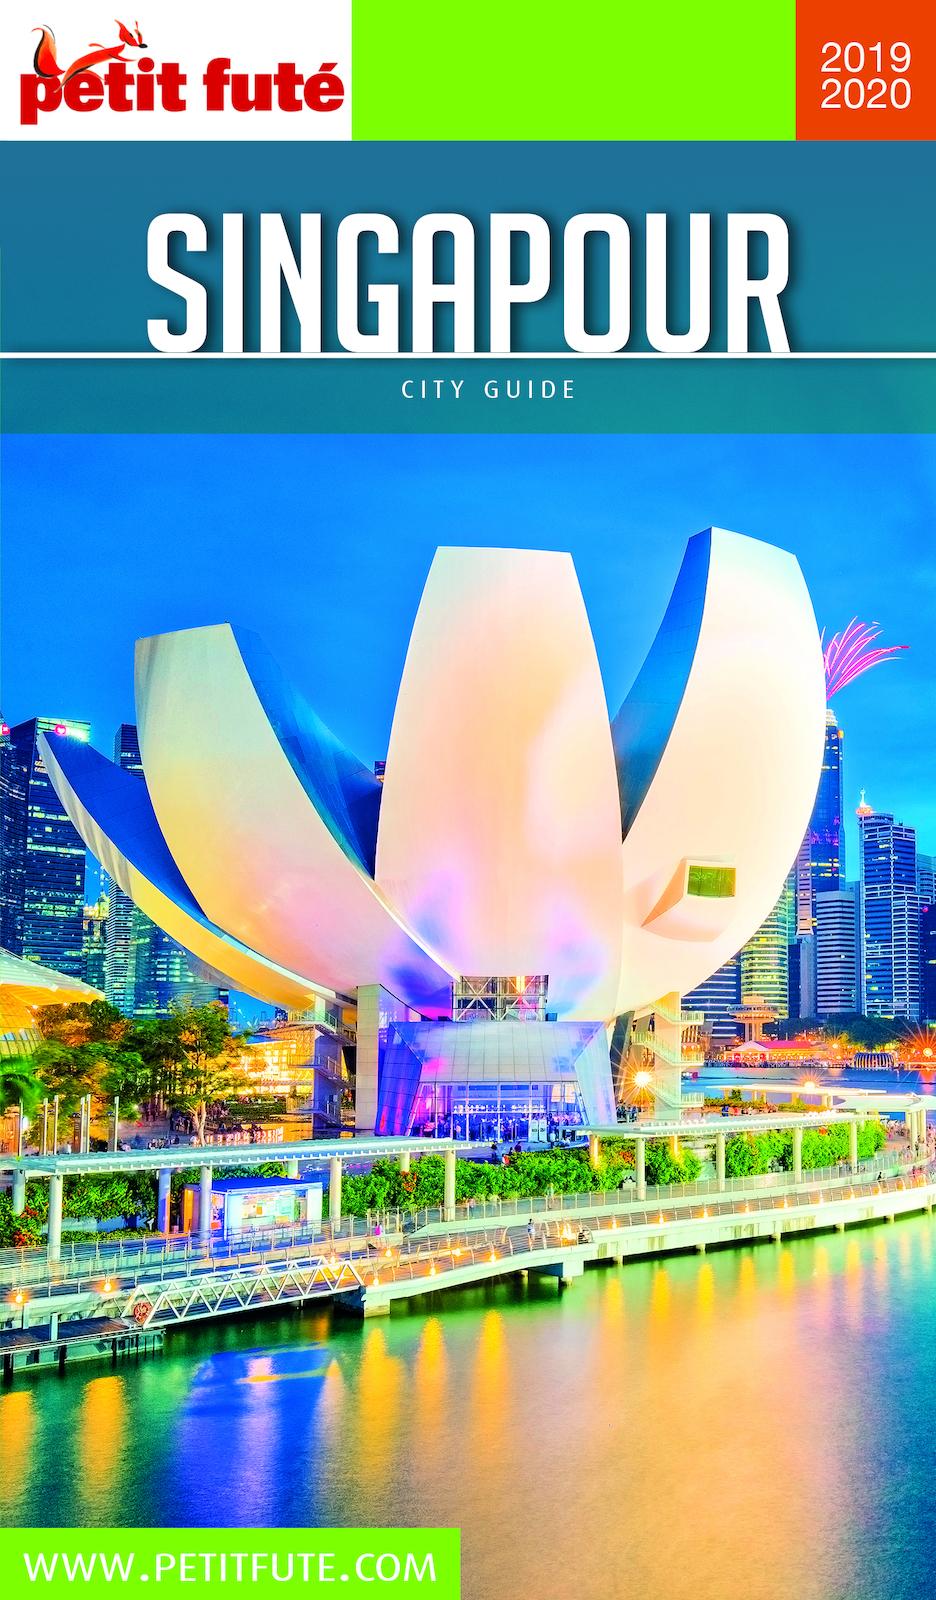 SINGAPOUR 2019/2020 Petit Fut?